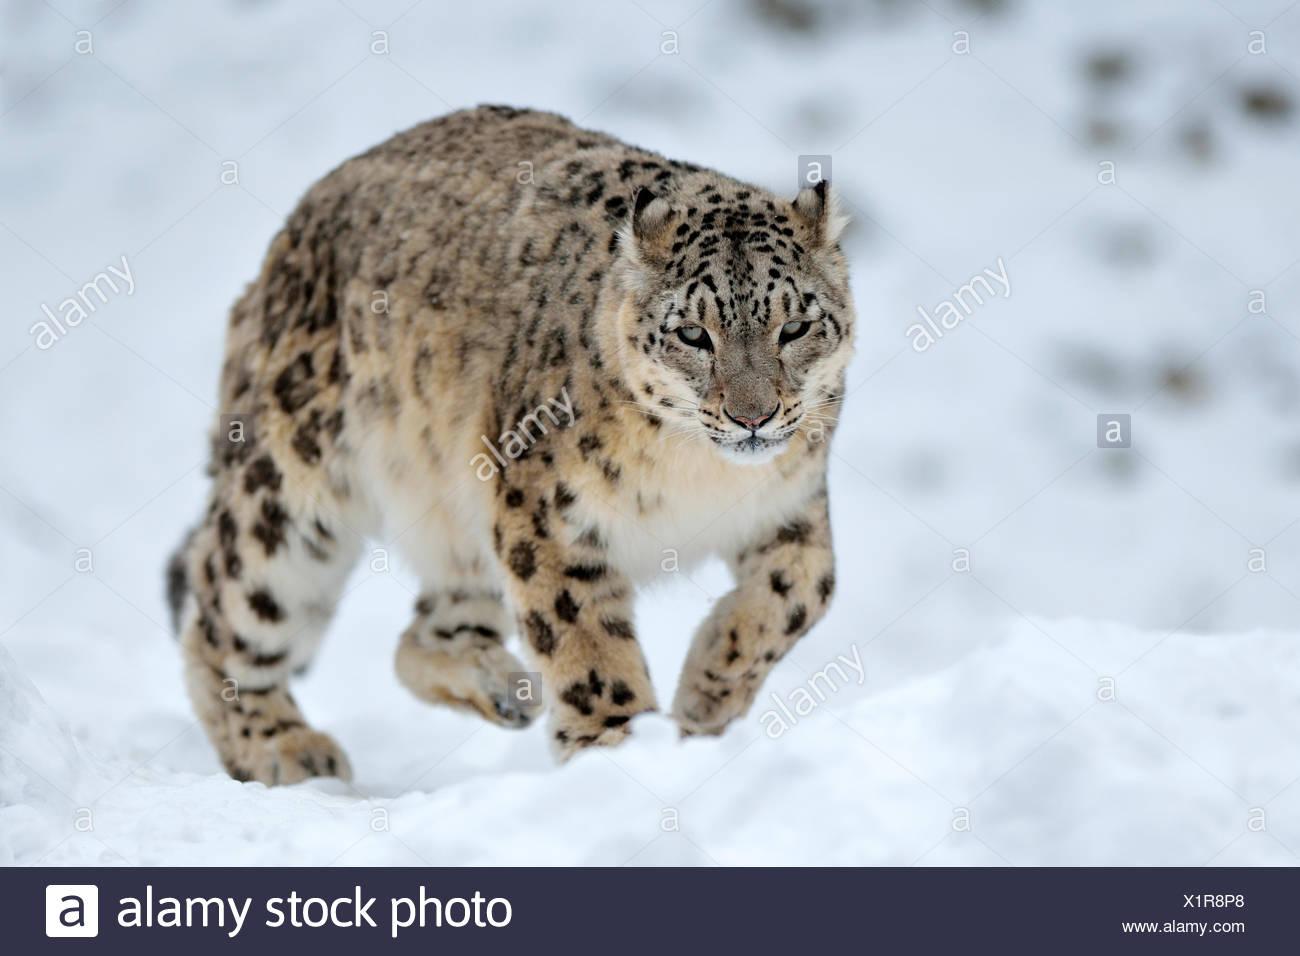 Schneeleopard (Panthera Uncia), männliche im Schnee, Gefangenschaft, Schweiz Stockbild